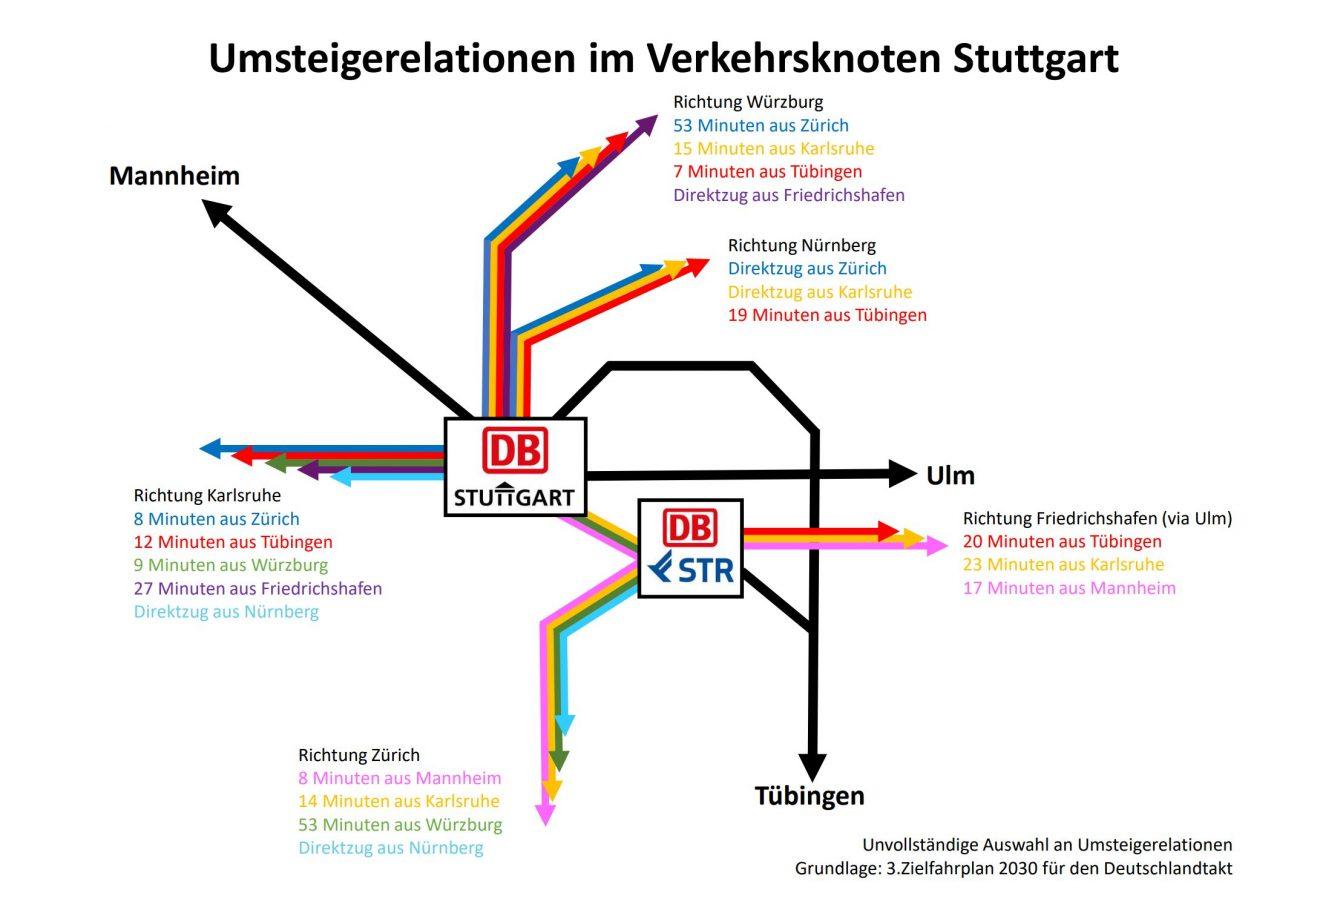 Umstiegszeiten_Stuttgart_Zielnetz2030_grafisch